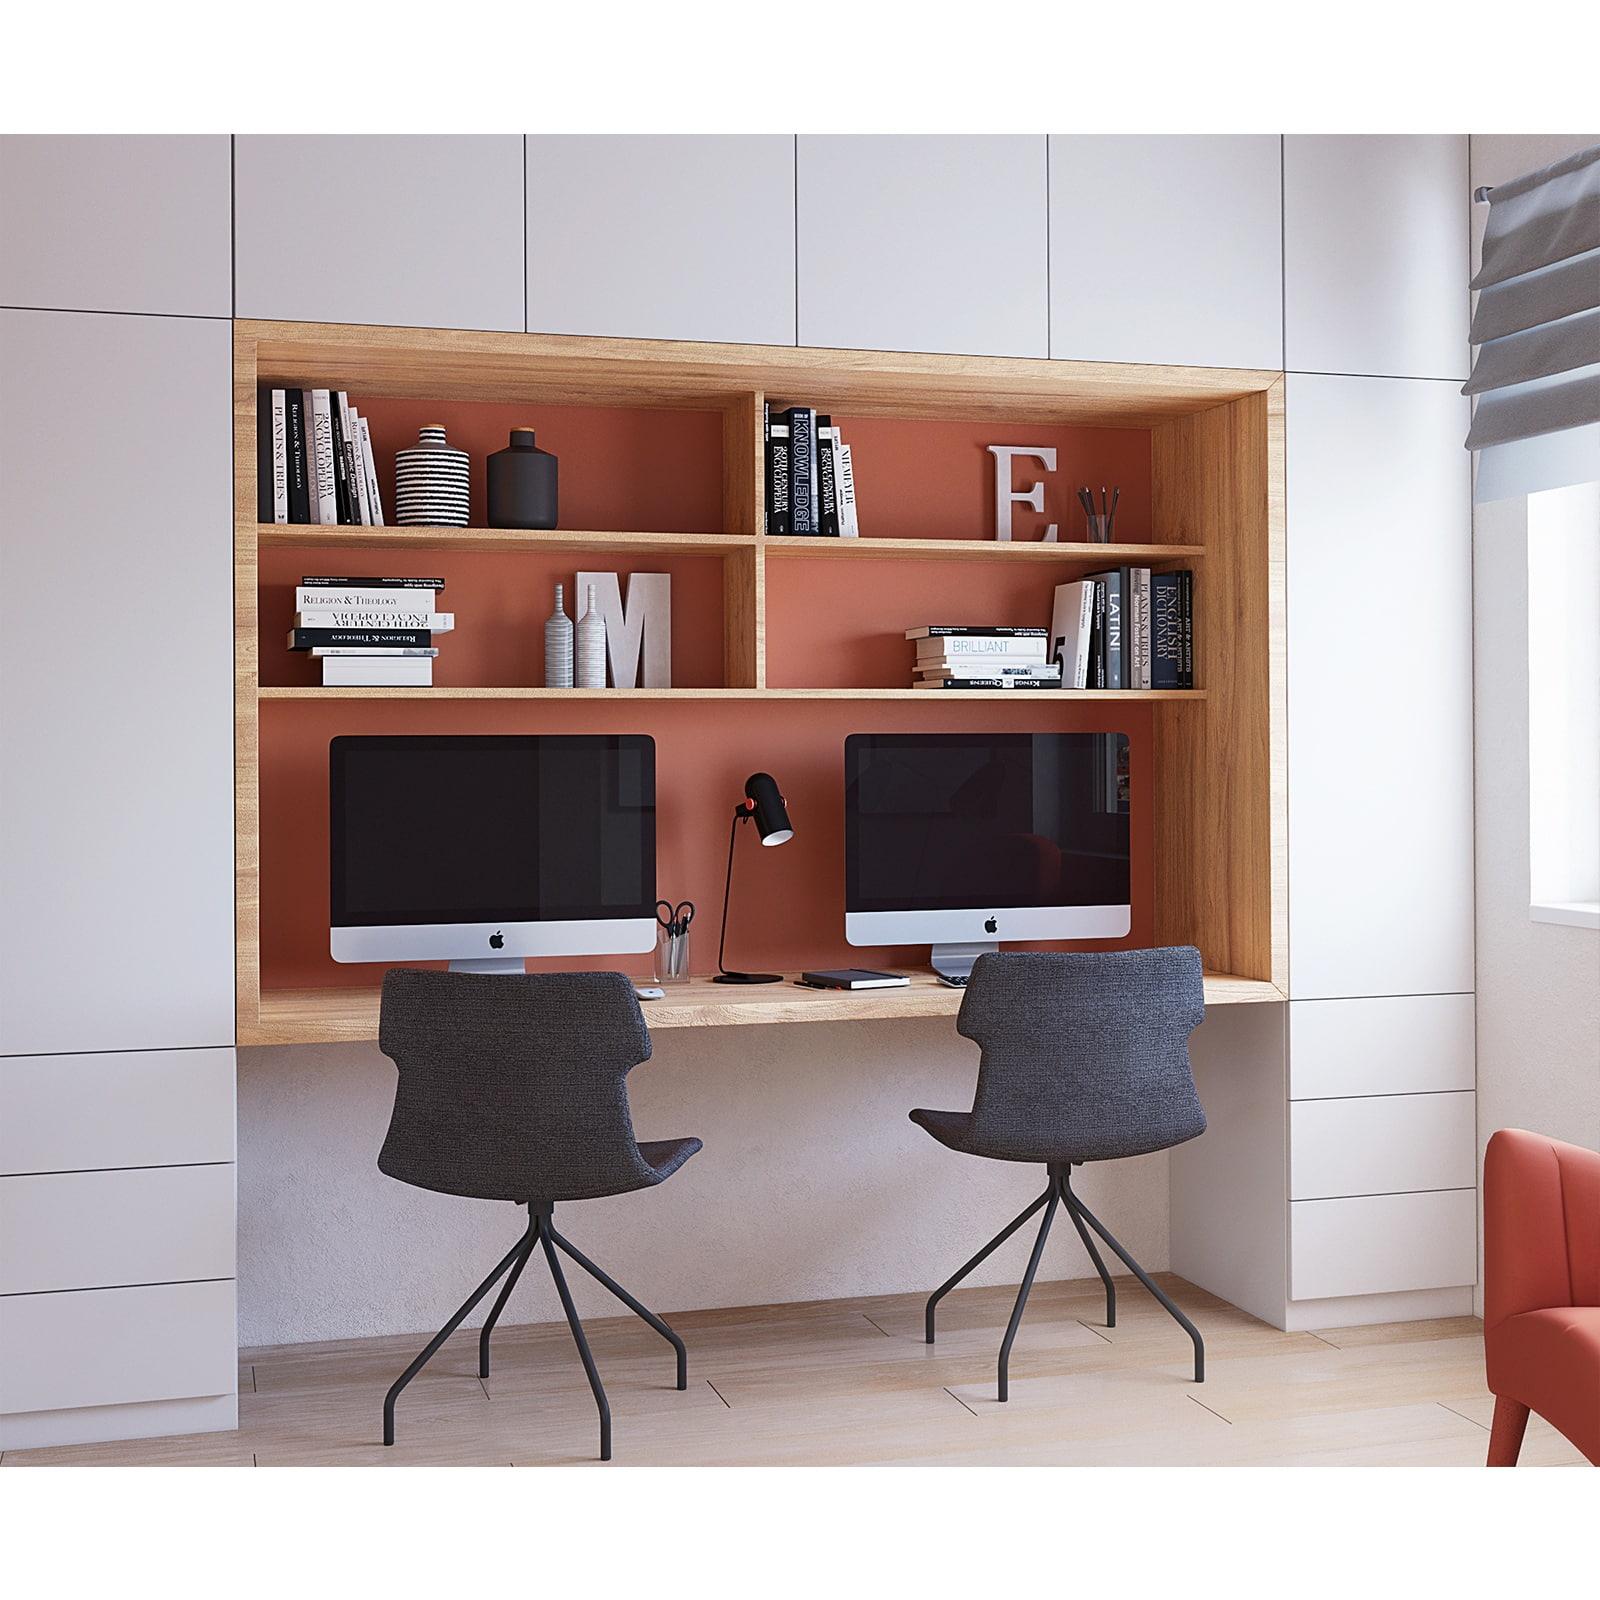 Проект небольшой квартиры для молодой пары.